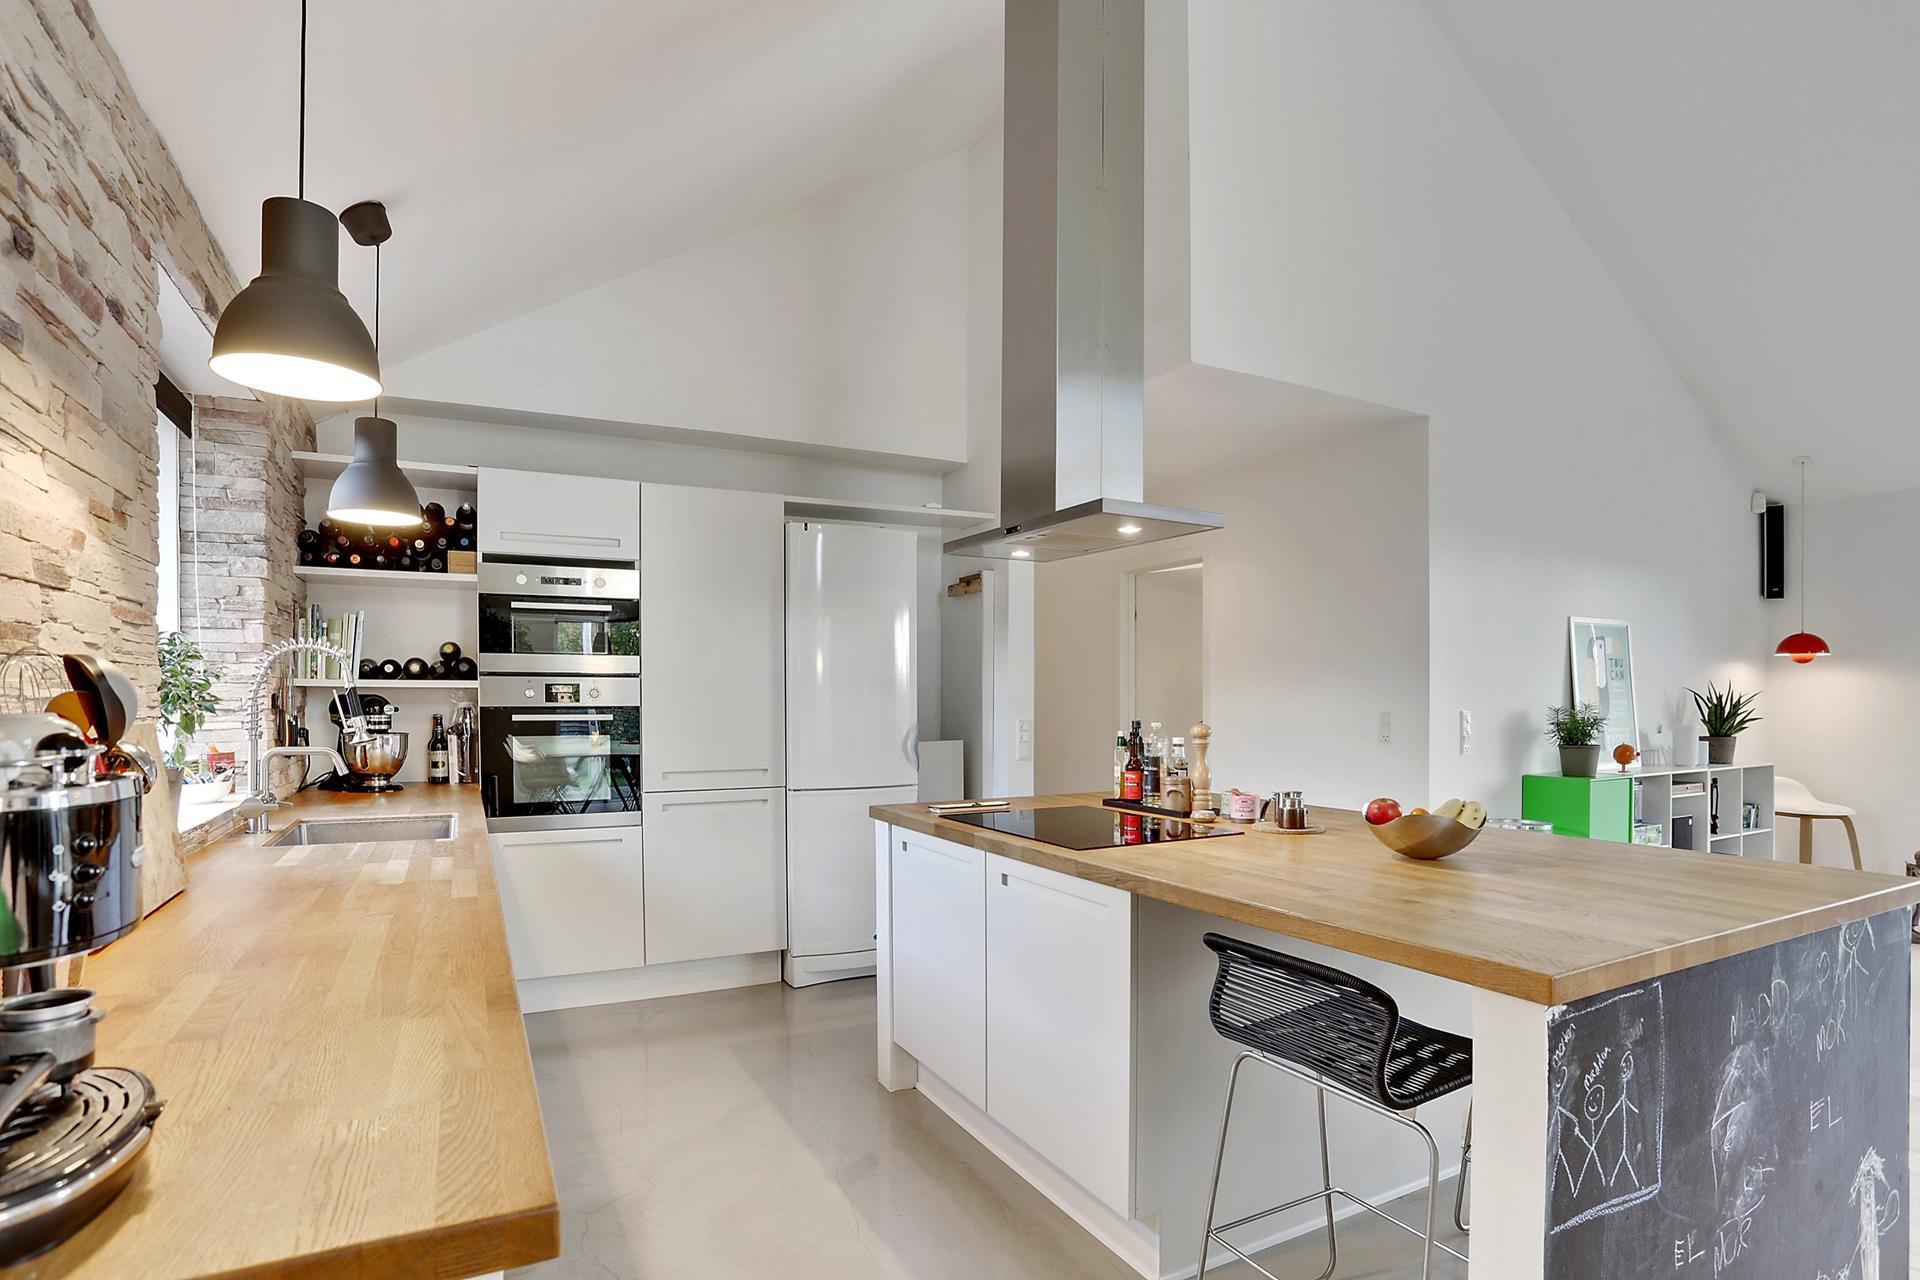 Muebles y armarios bajos de cocina blog tienda for Muebles bajos para cocina